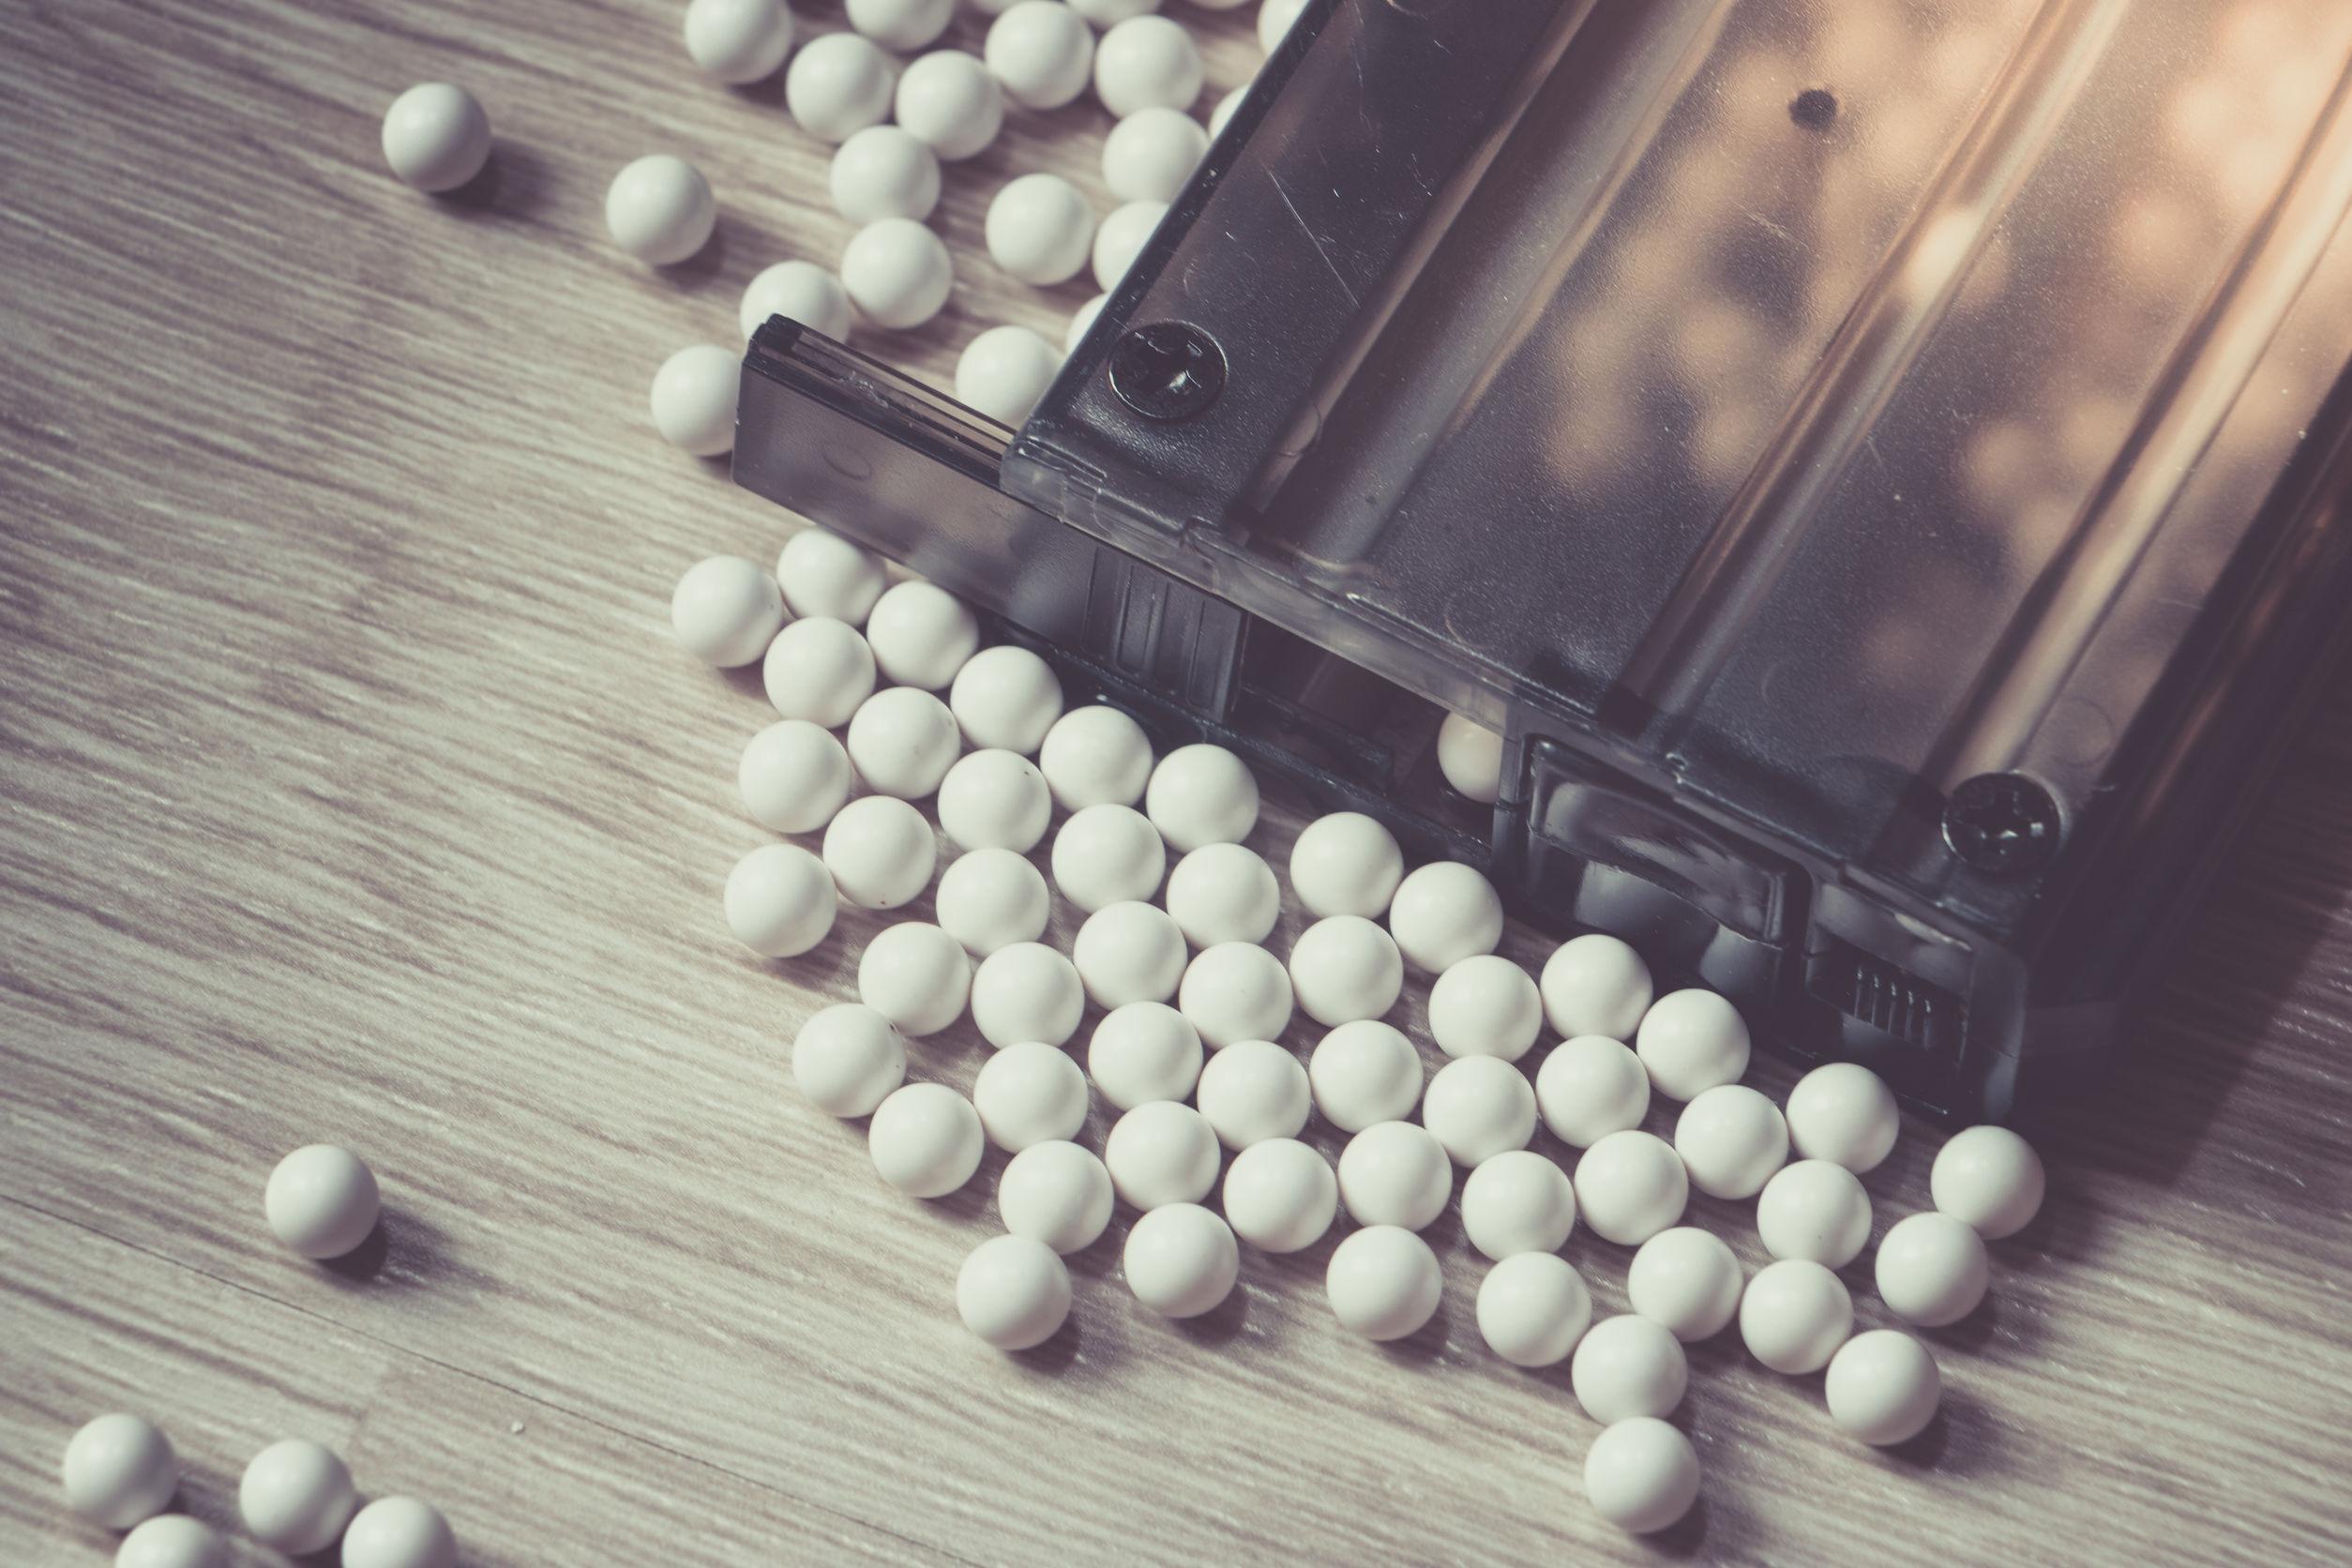 Munición con bolas metálicas BB y cargador sobre fondo de madera.